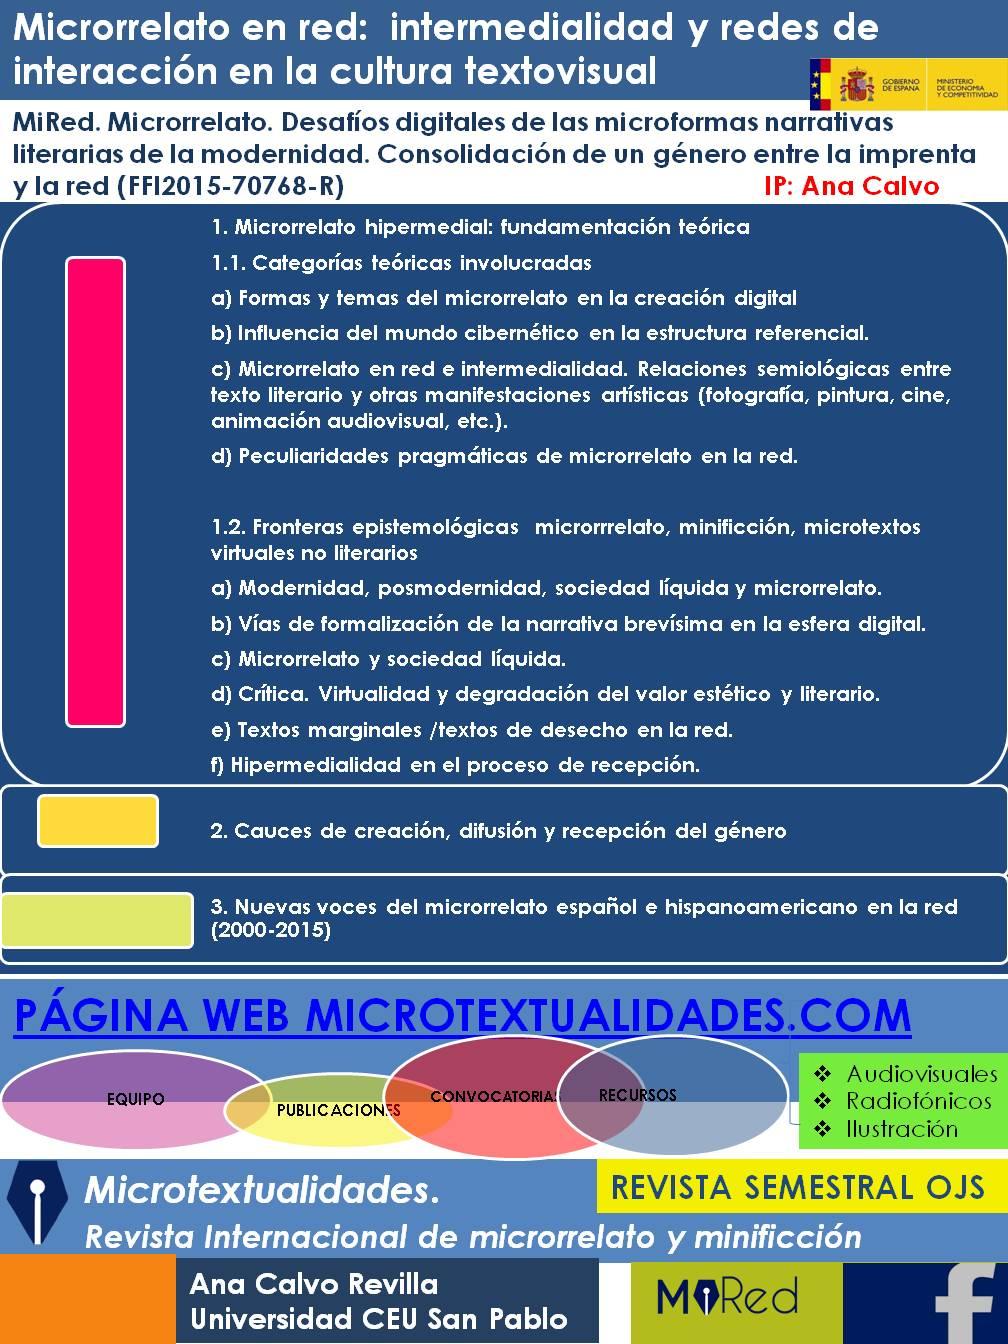 Microrrelato en red. Intermedialidad y redes de interacción en la cultura textovisual